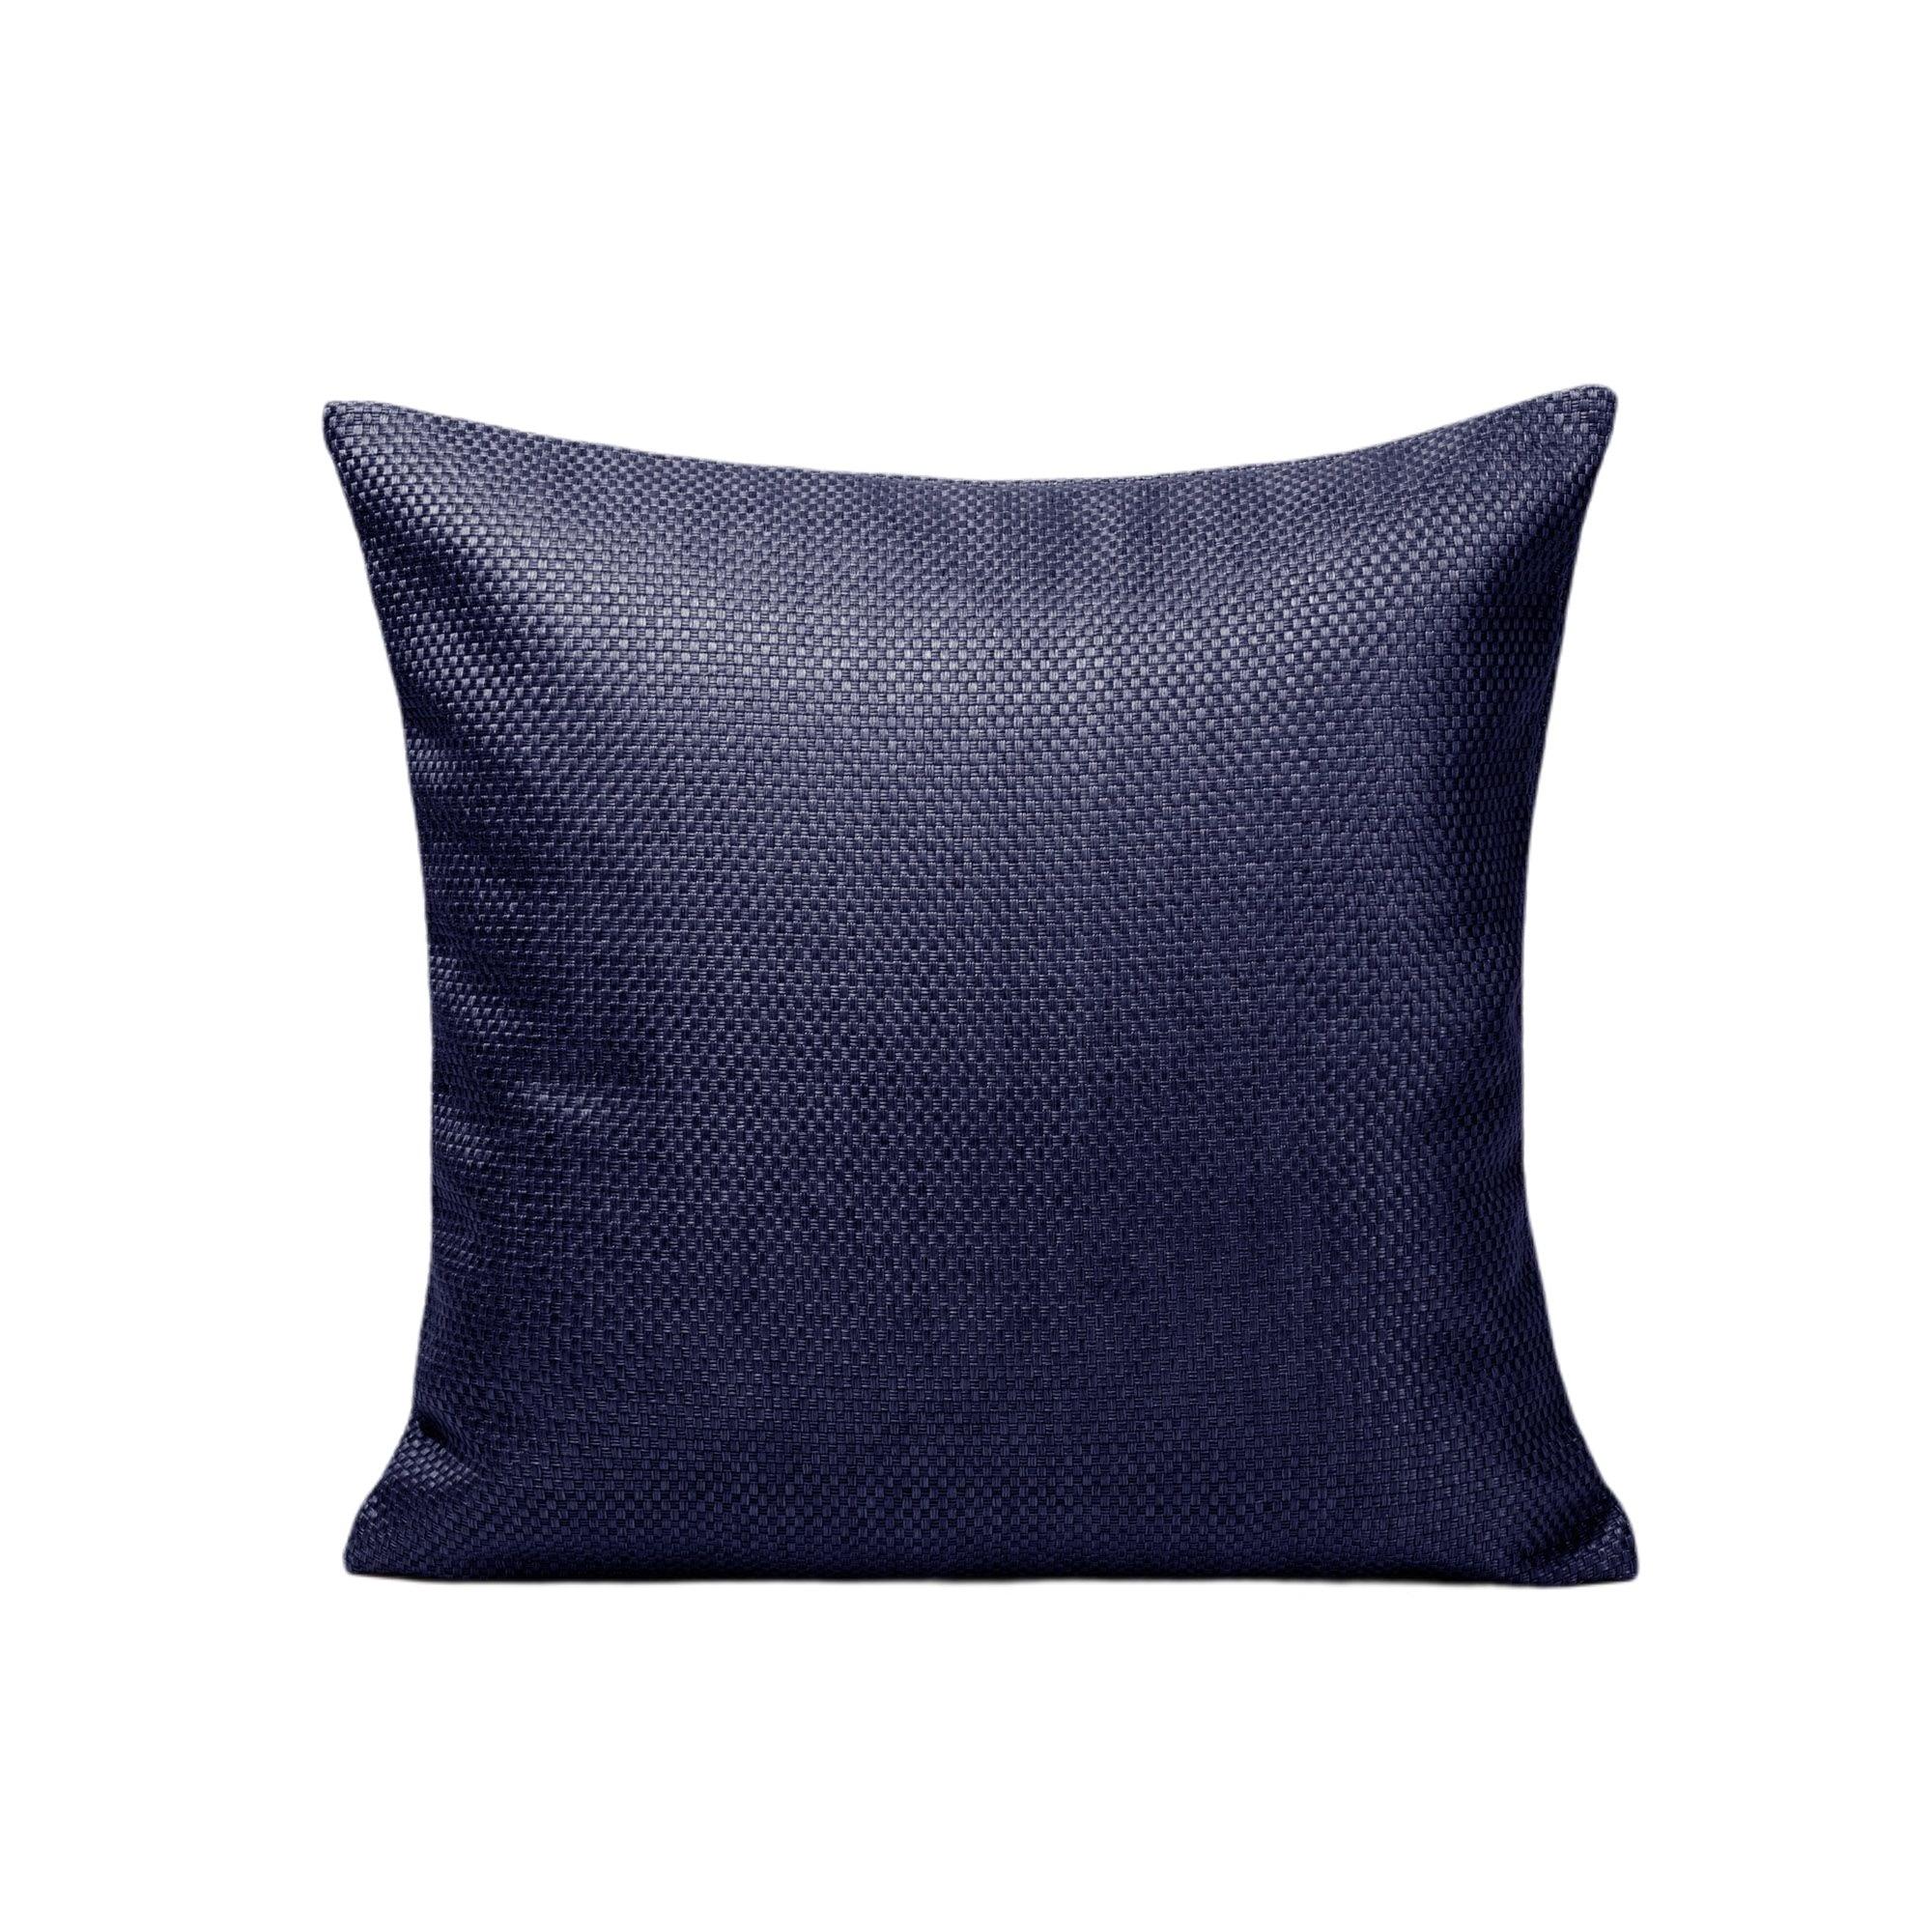 Housse de coussin 50x50 cm Bleu nuit